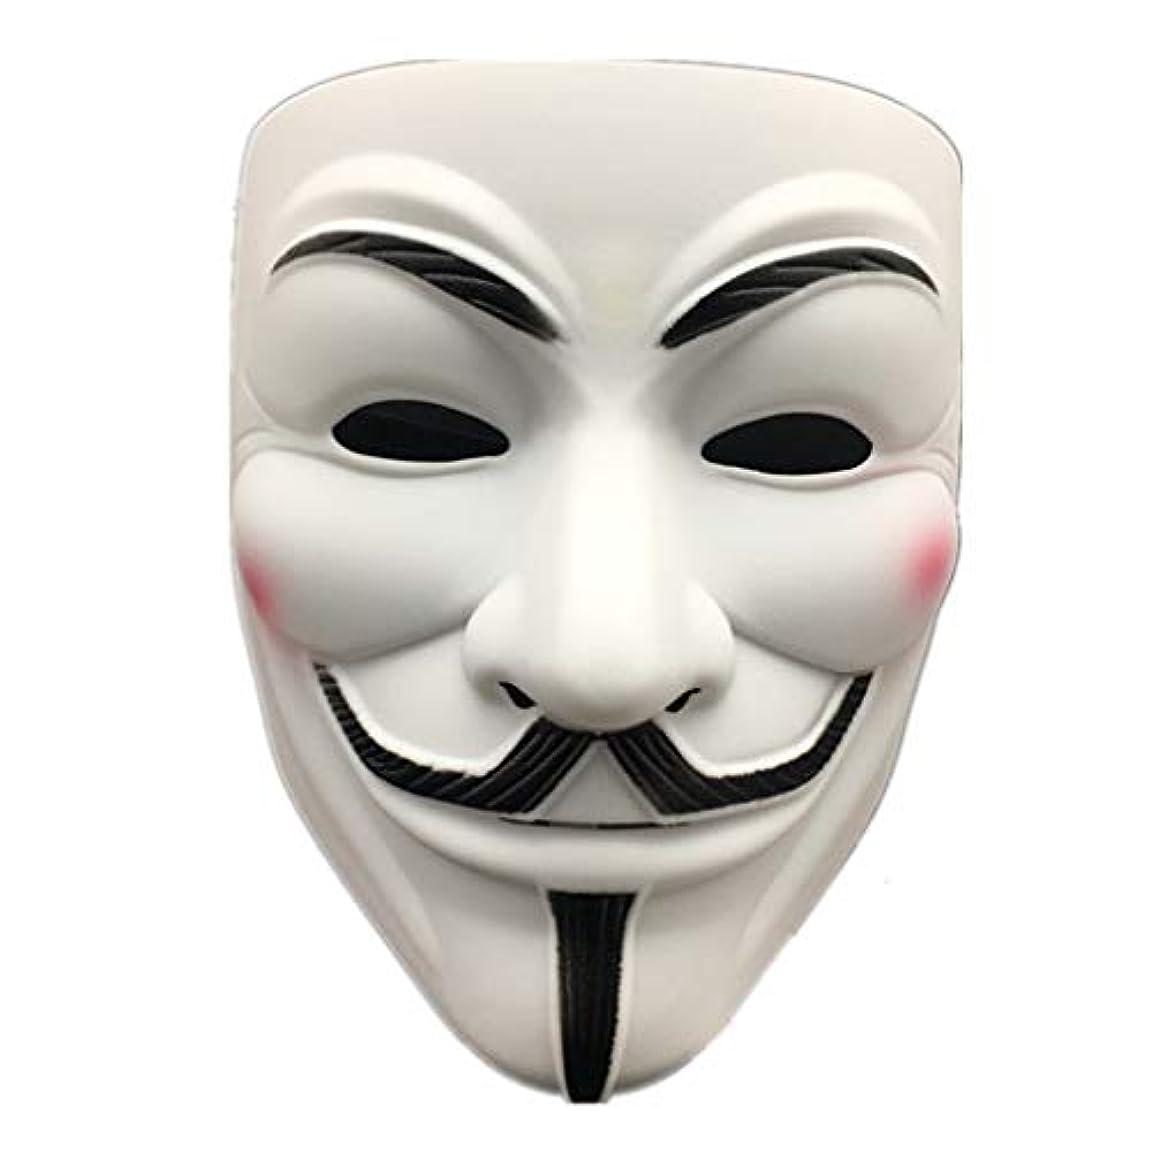 サンドイッチ敵意現像ハロウィンマスクフルフェイスストリートダンス振動マスク仮装変なマスクダンスマスク